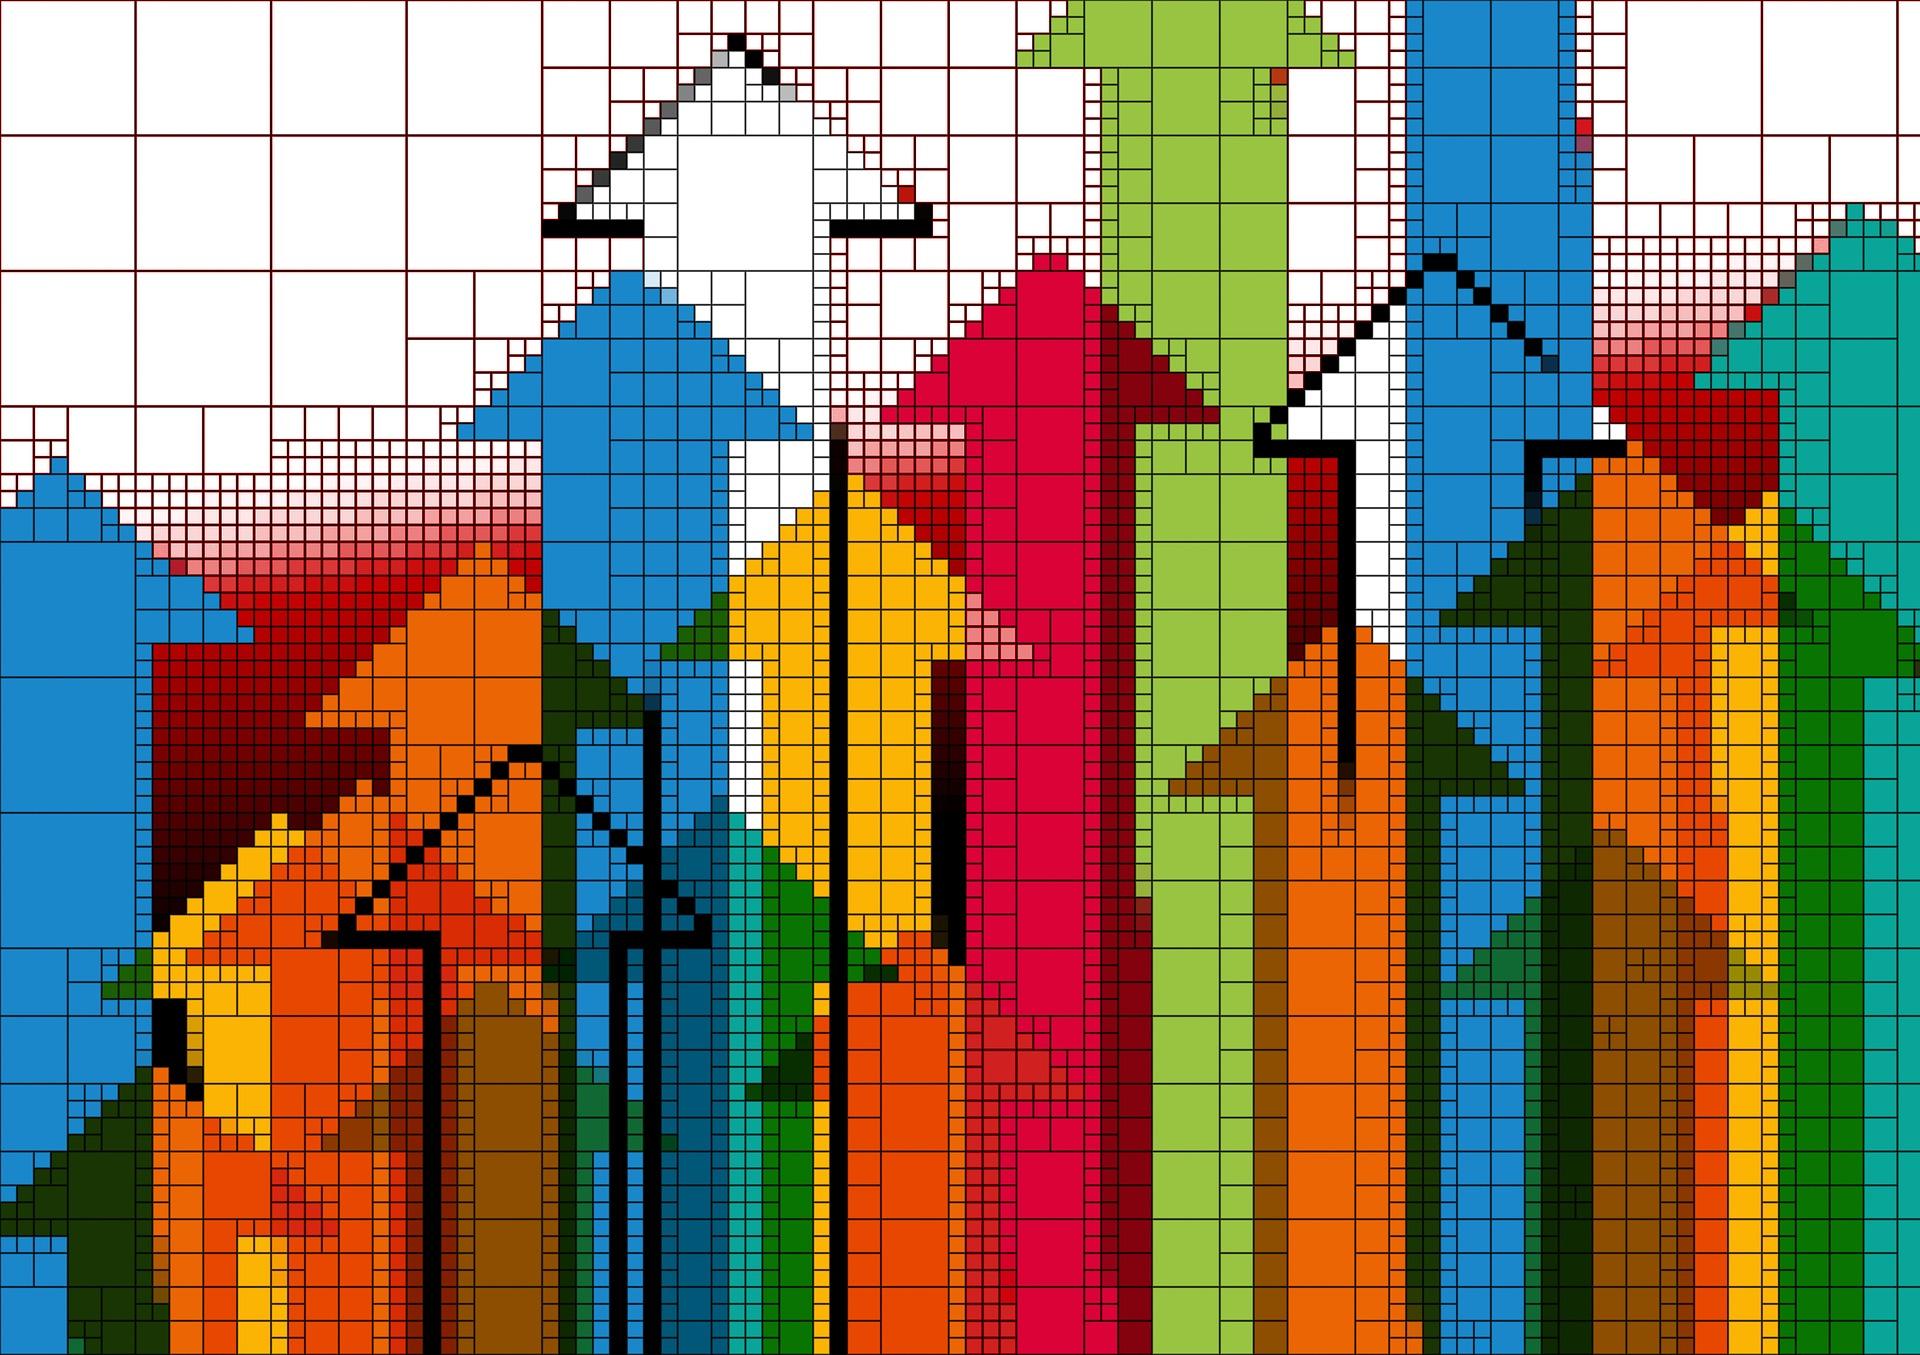 How Can Medium-Sized Companies Grow?